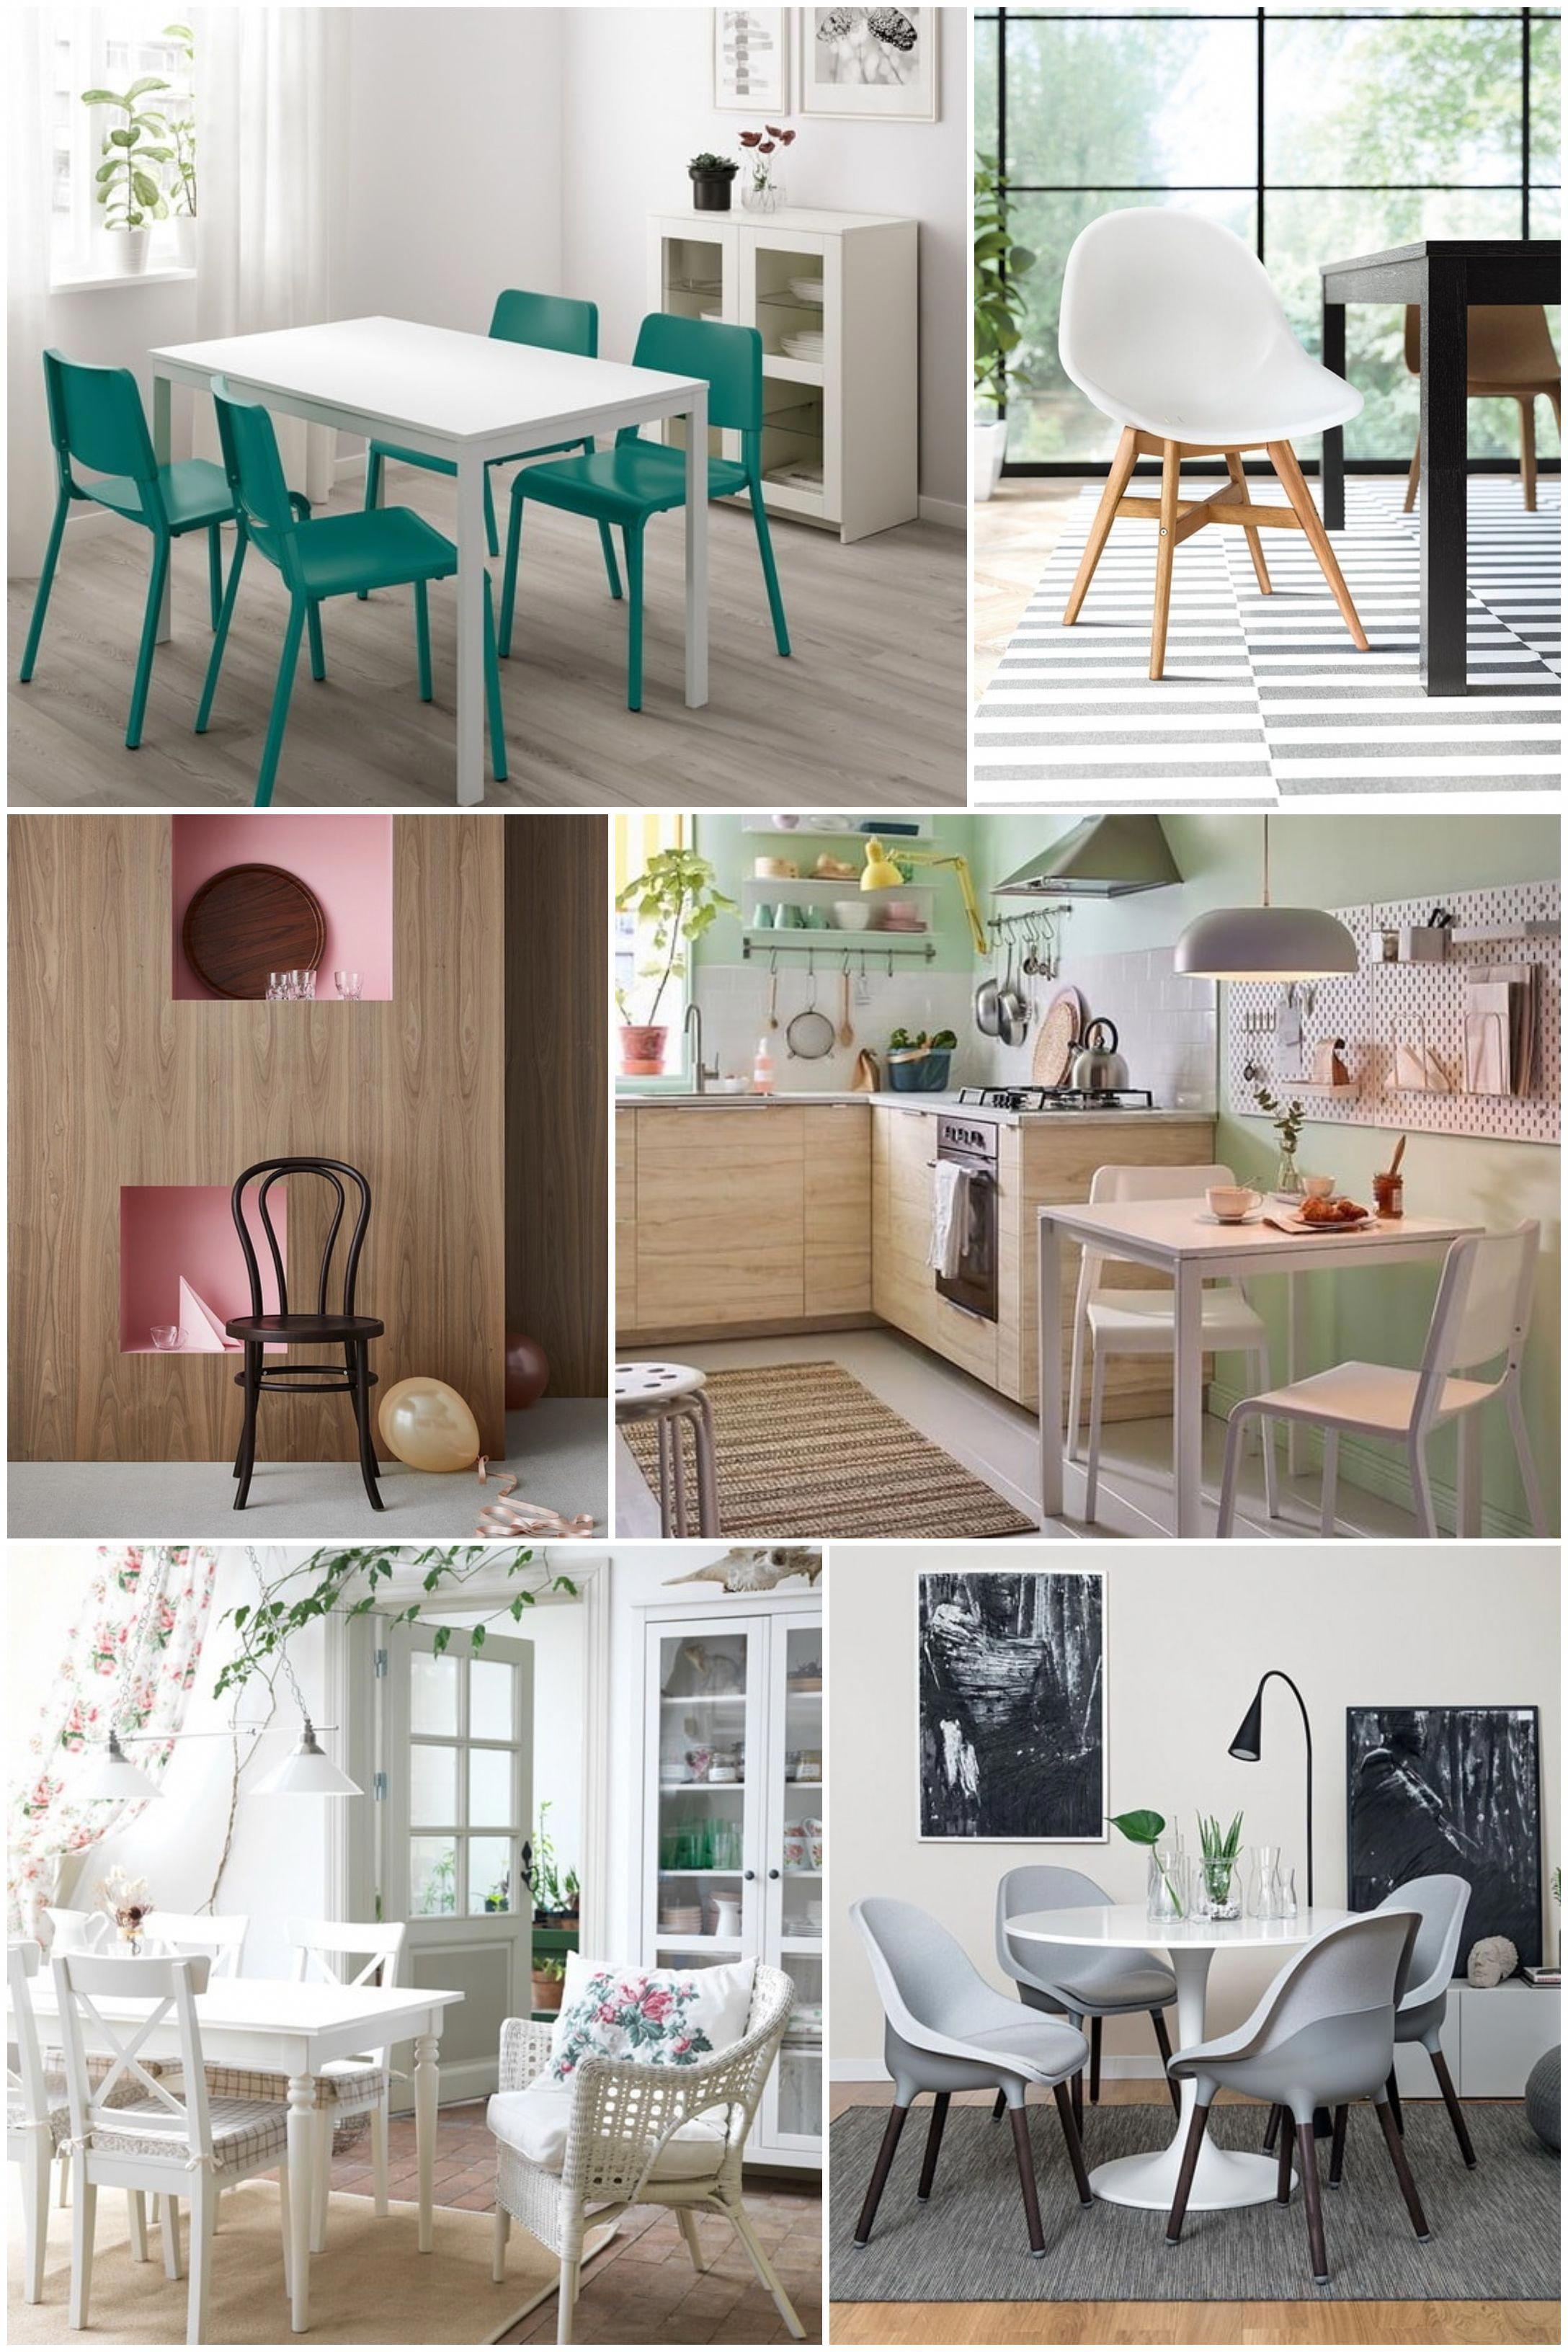 Best Comedores Actuales Gallery - Casas: Ideas, imágenes y ...